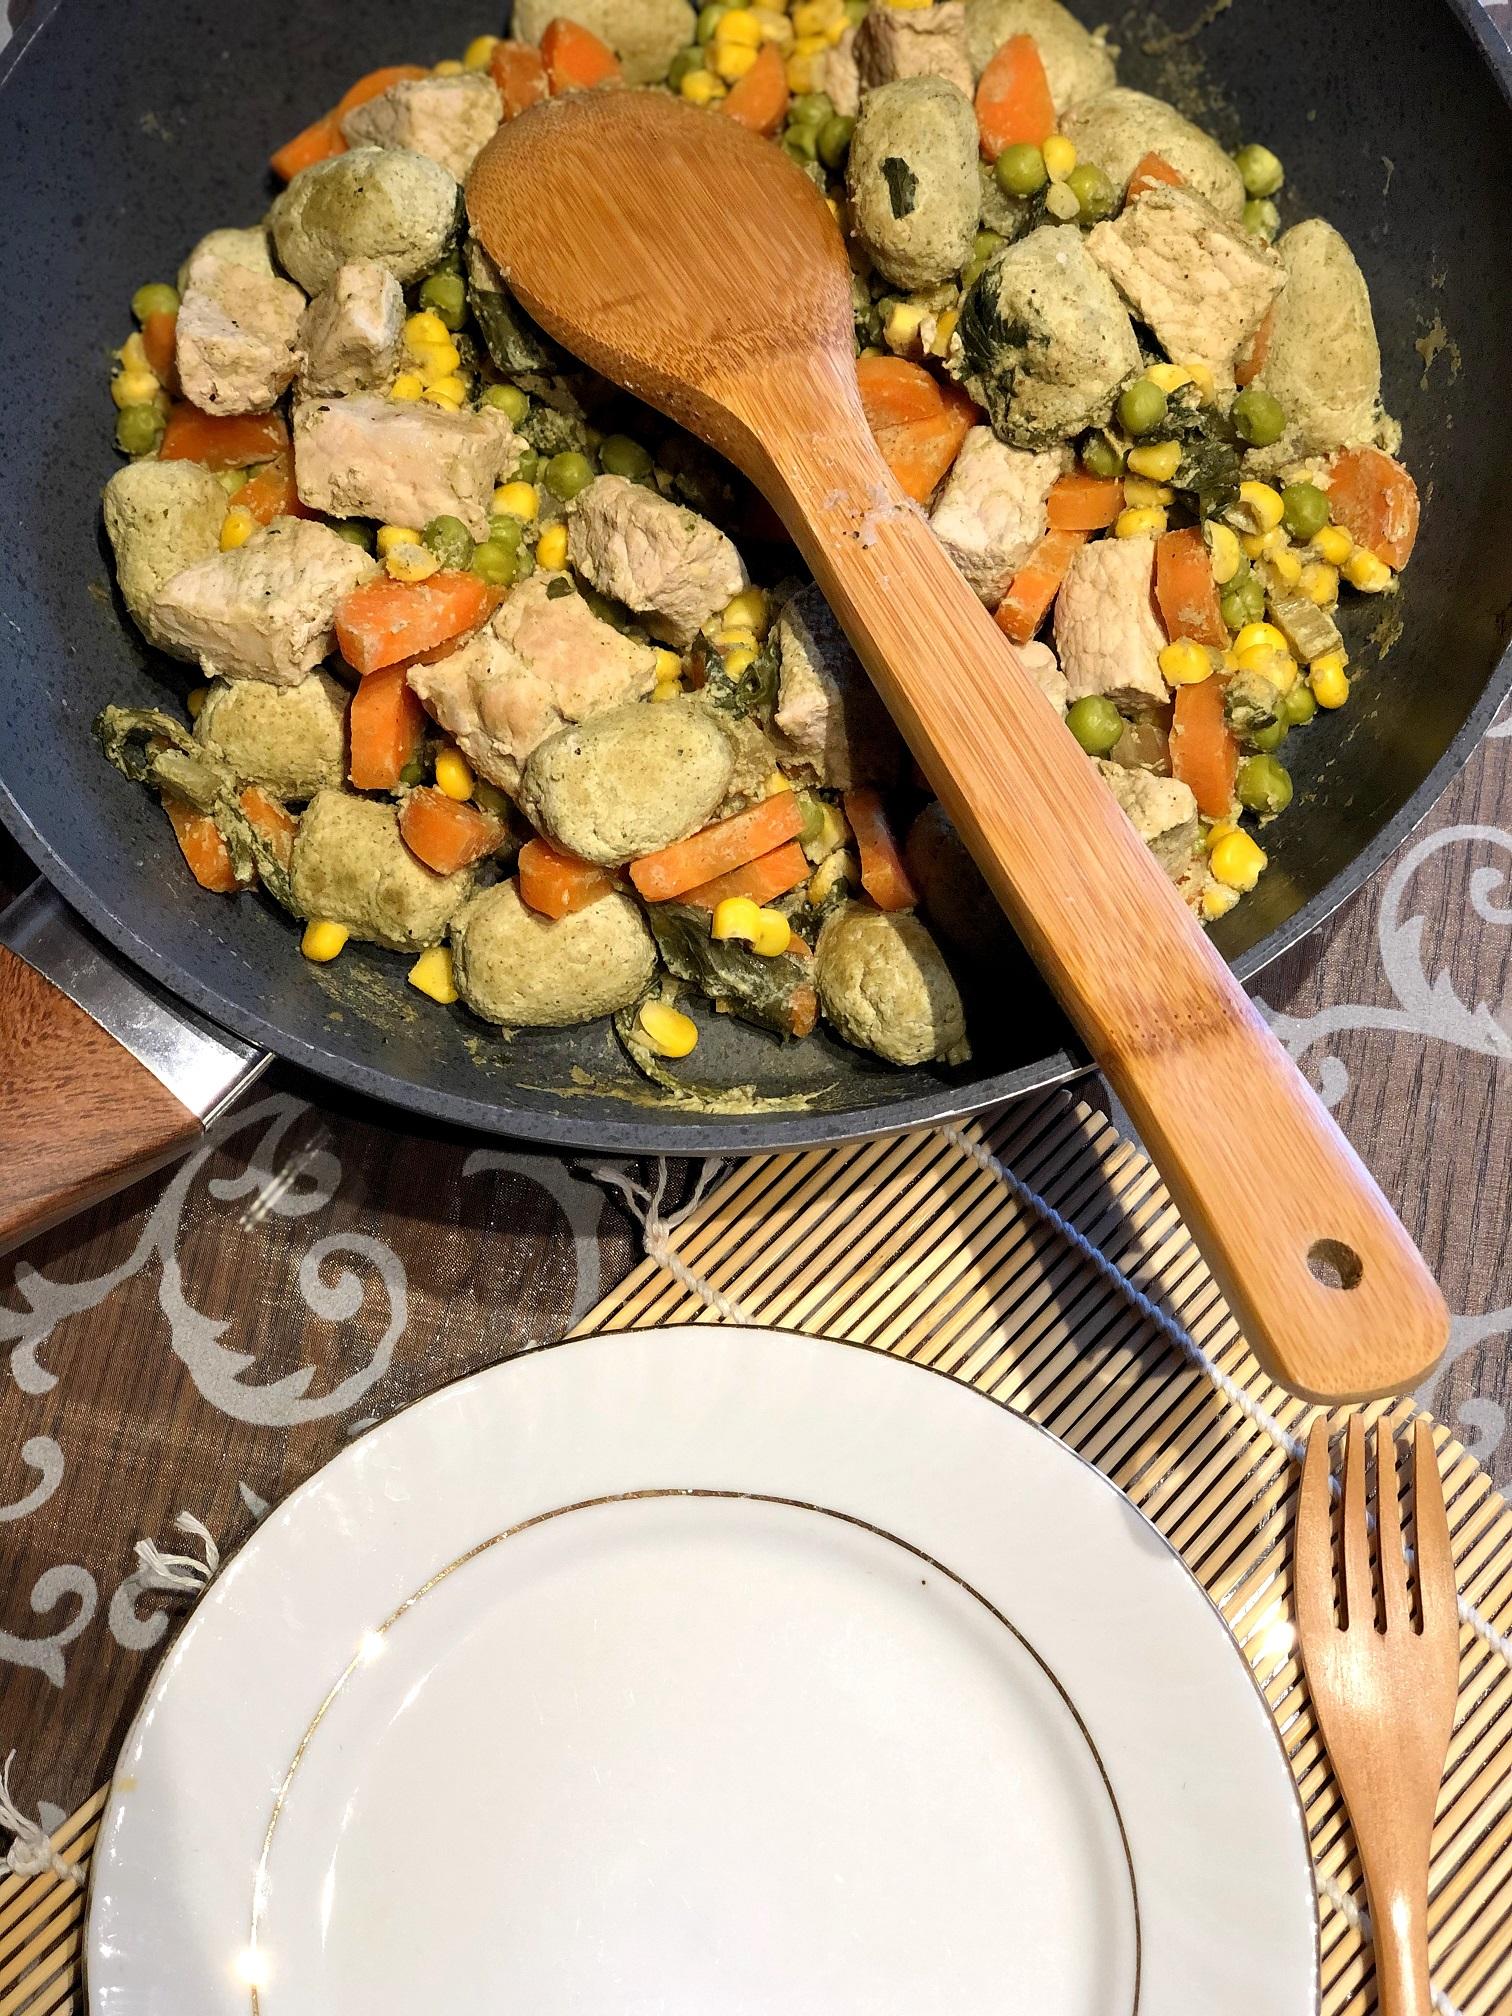 Pork-vegetables with pumpkin seed dumplings and pesto